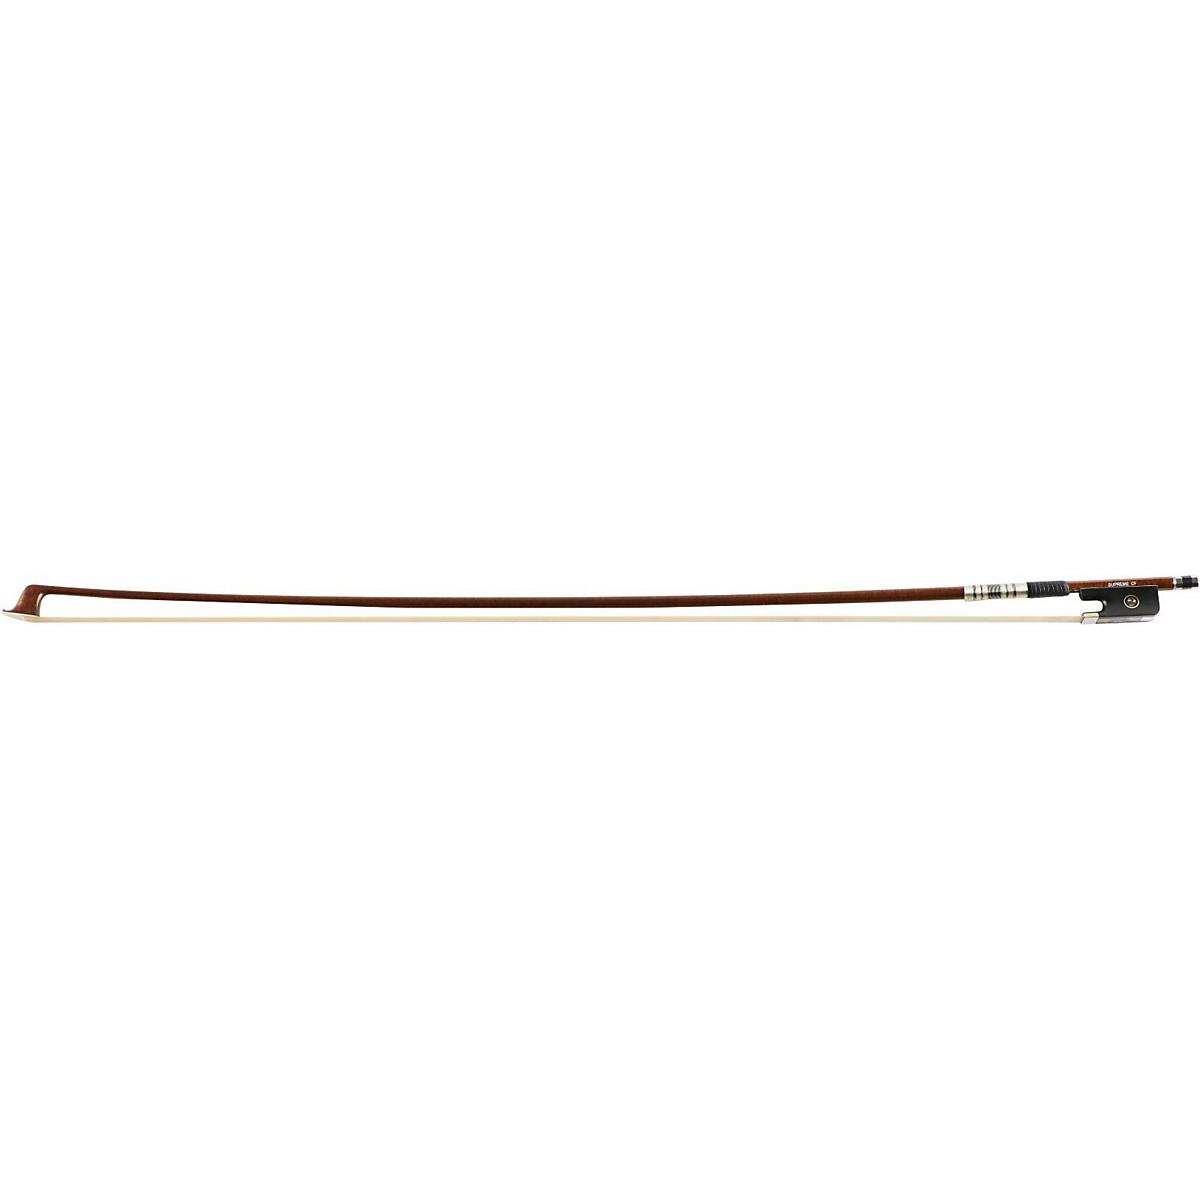 Arcolla Supreme Carbon Fiber Viola Bow